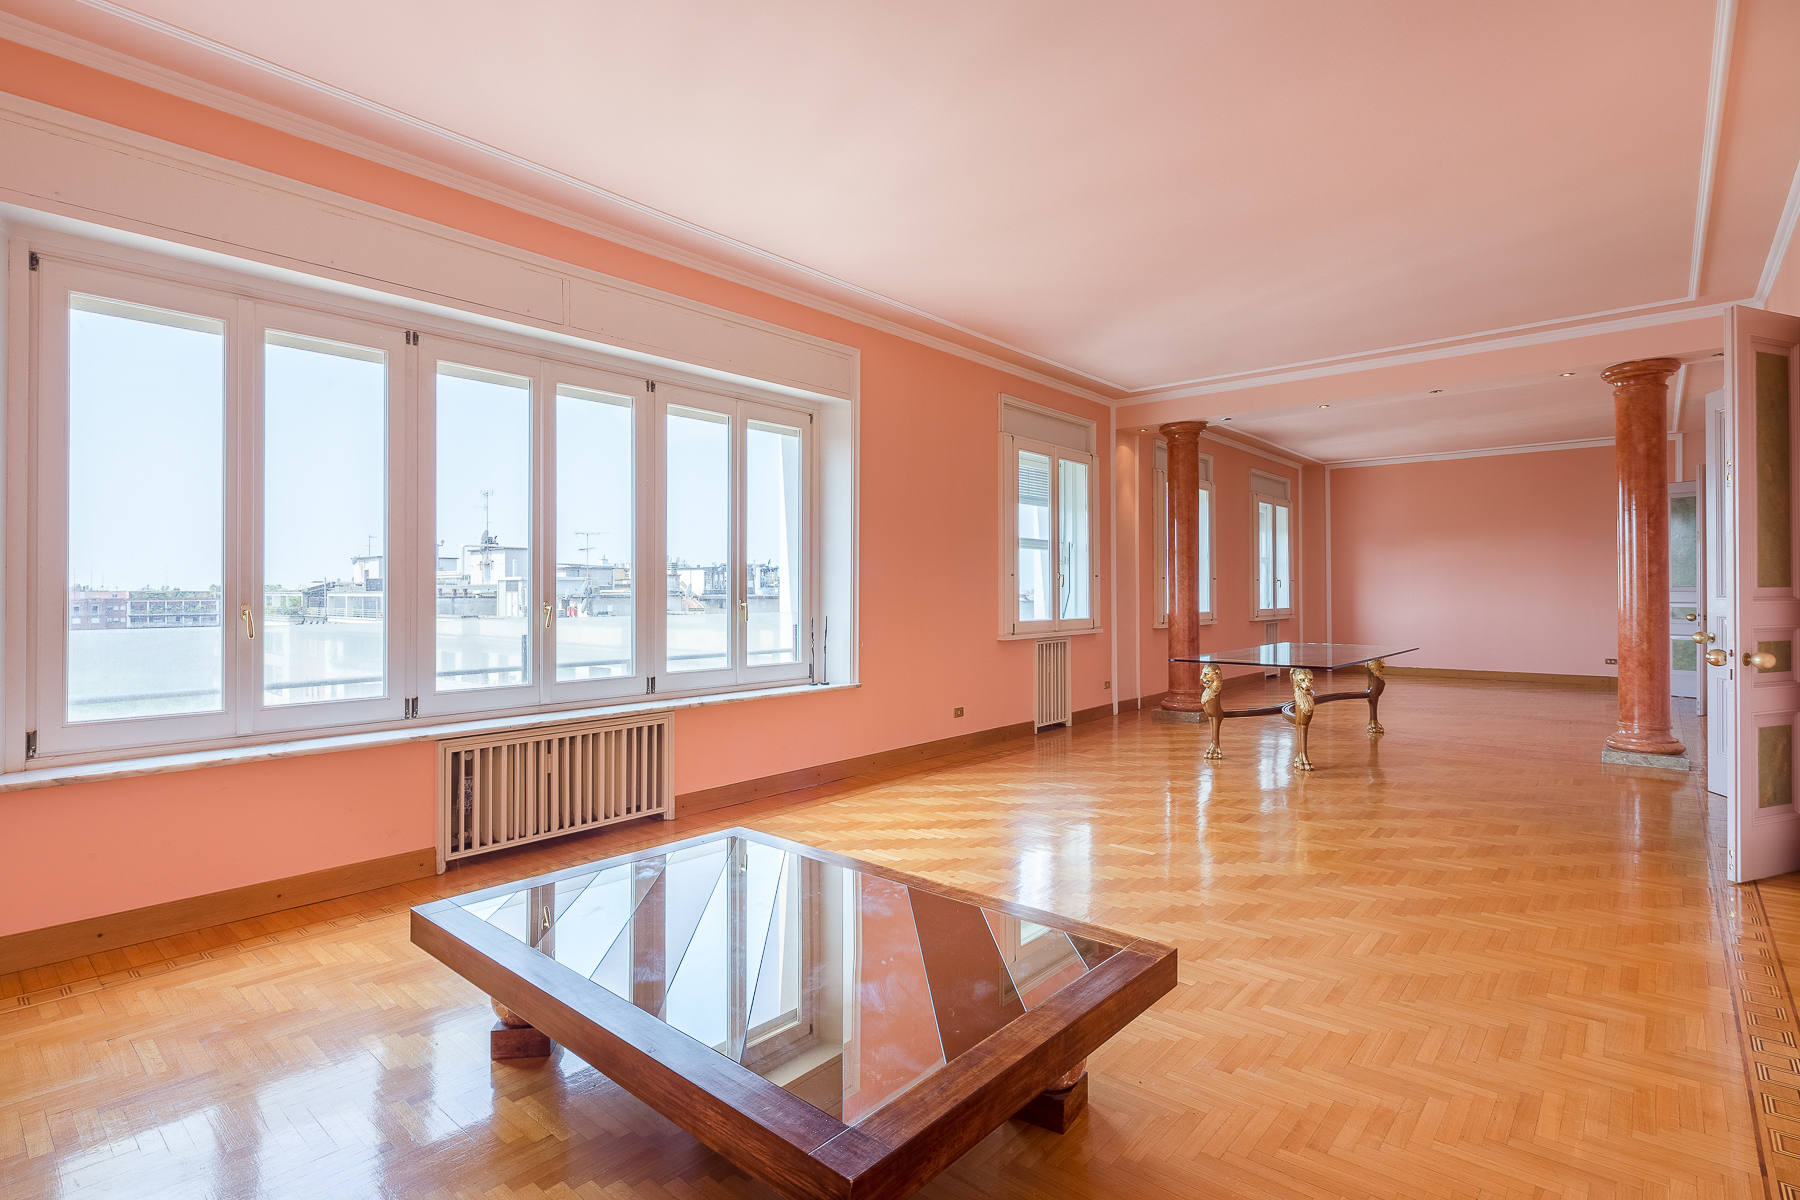 Appartamento in Vendita a Milano 01 Centro storico (Cerchia dei Navigli): 5 locali, 340 mq